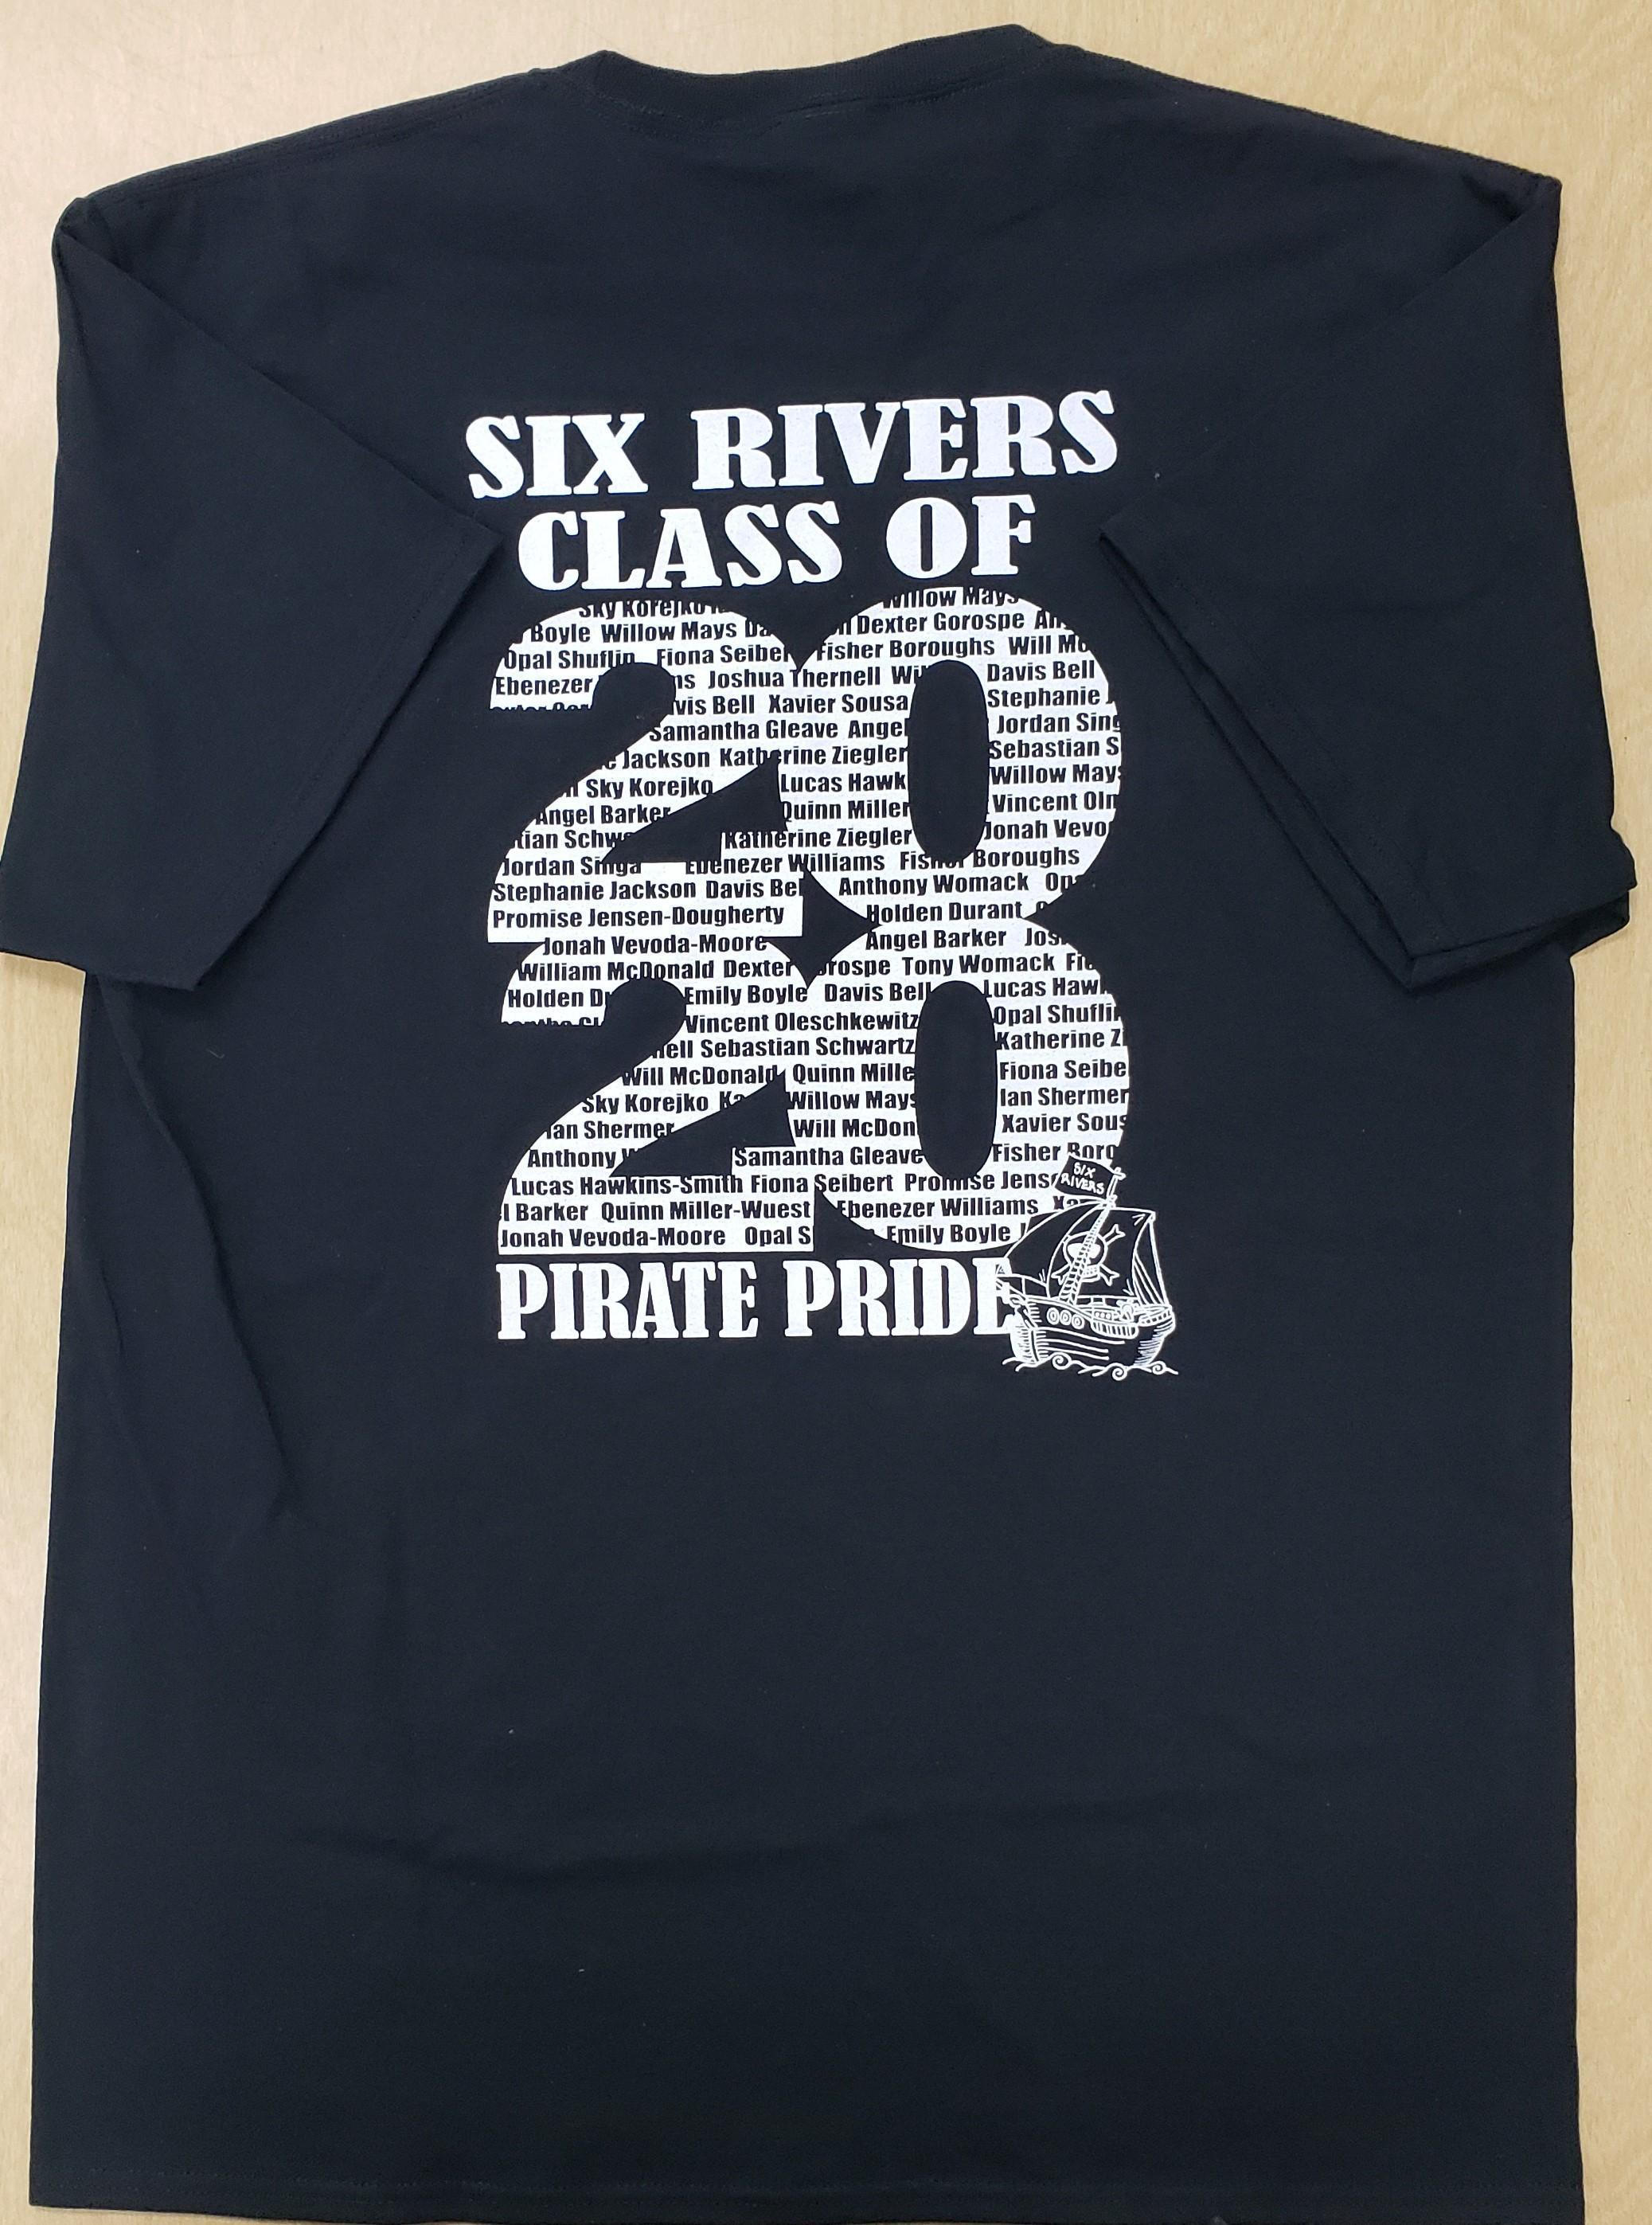 Black Shirt, White Print 'Class of 2020' - Men's Medium - Back Side